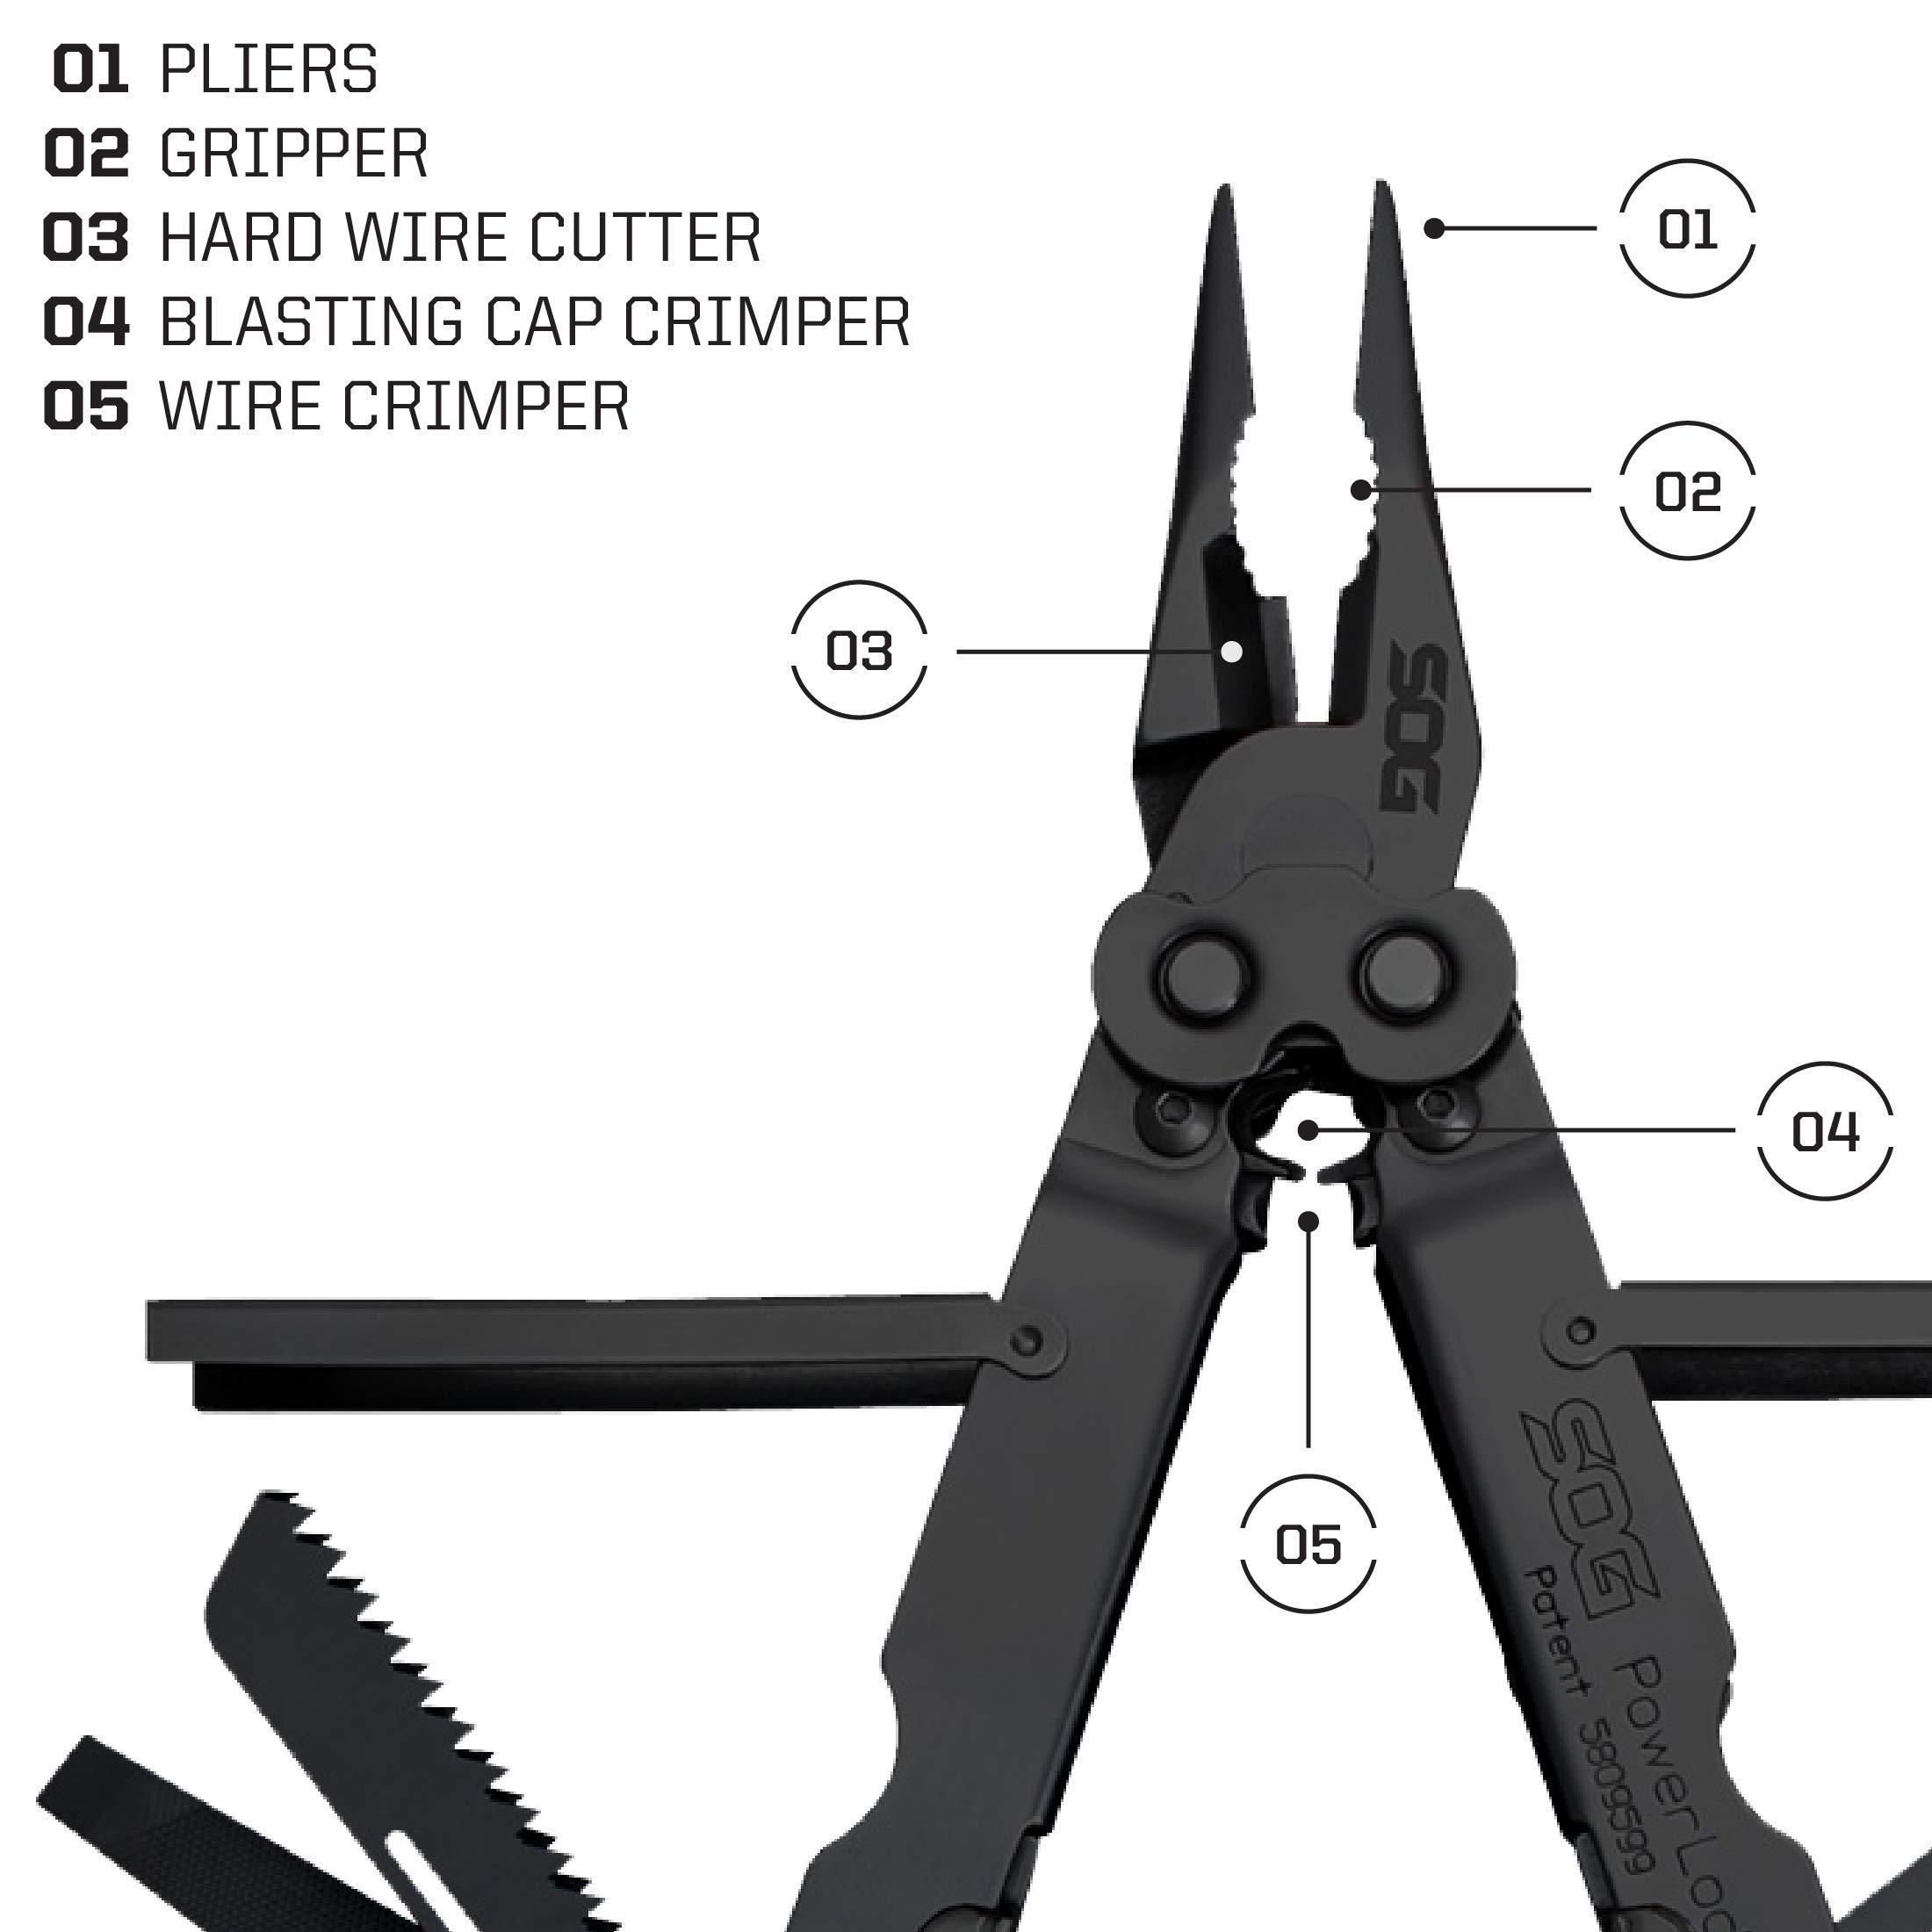 SOG Black Multitool Pliers Pocket Tool – PowerLock EOD Multi Tool Locking Knife with Sheath, Utility Tool Pliers, 18 Small Multi Tools (B61N-CP) by SOG (Image #4)